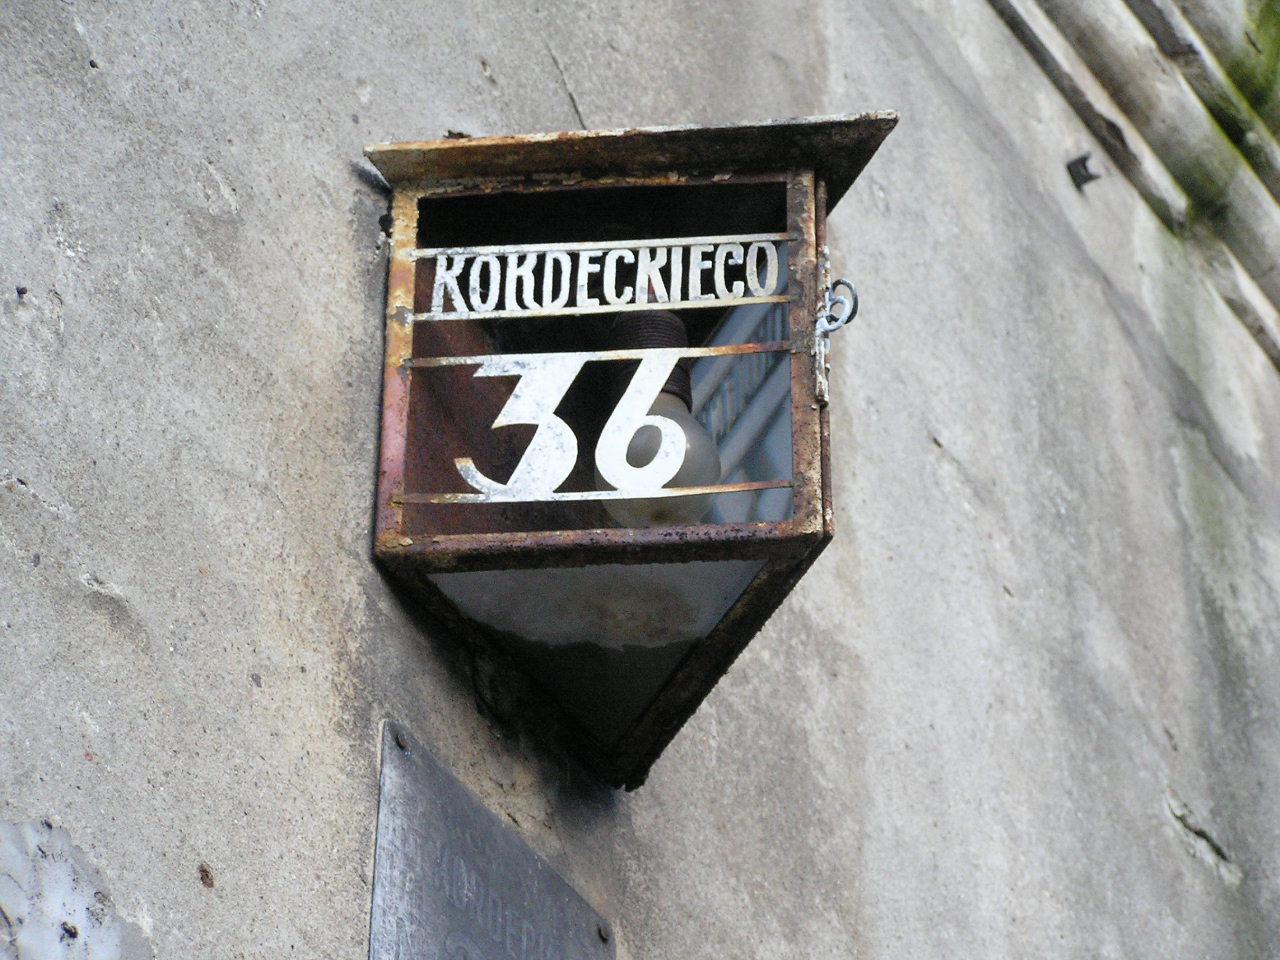 Przedwojenna latarenka adresowa na Kordeckiego 36